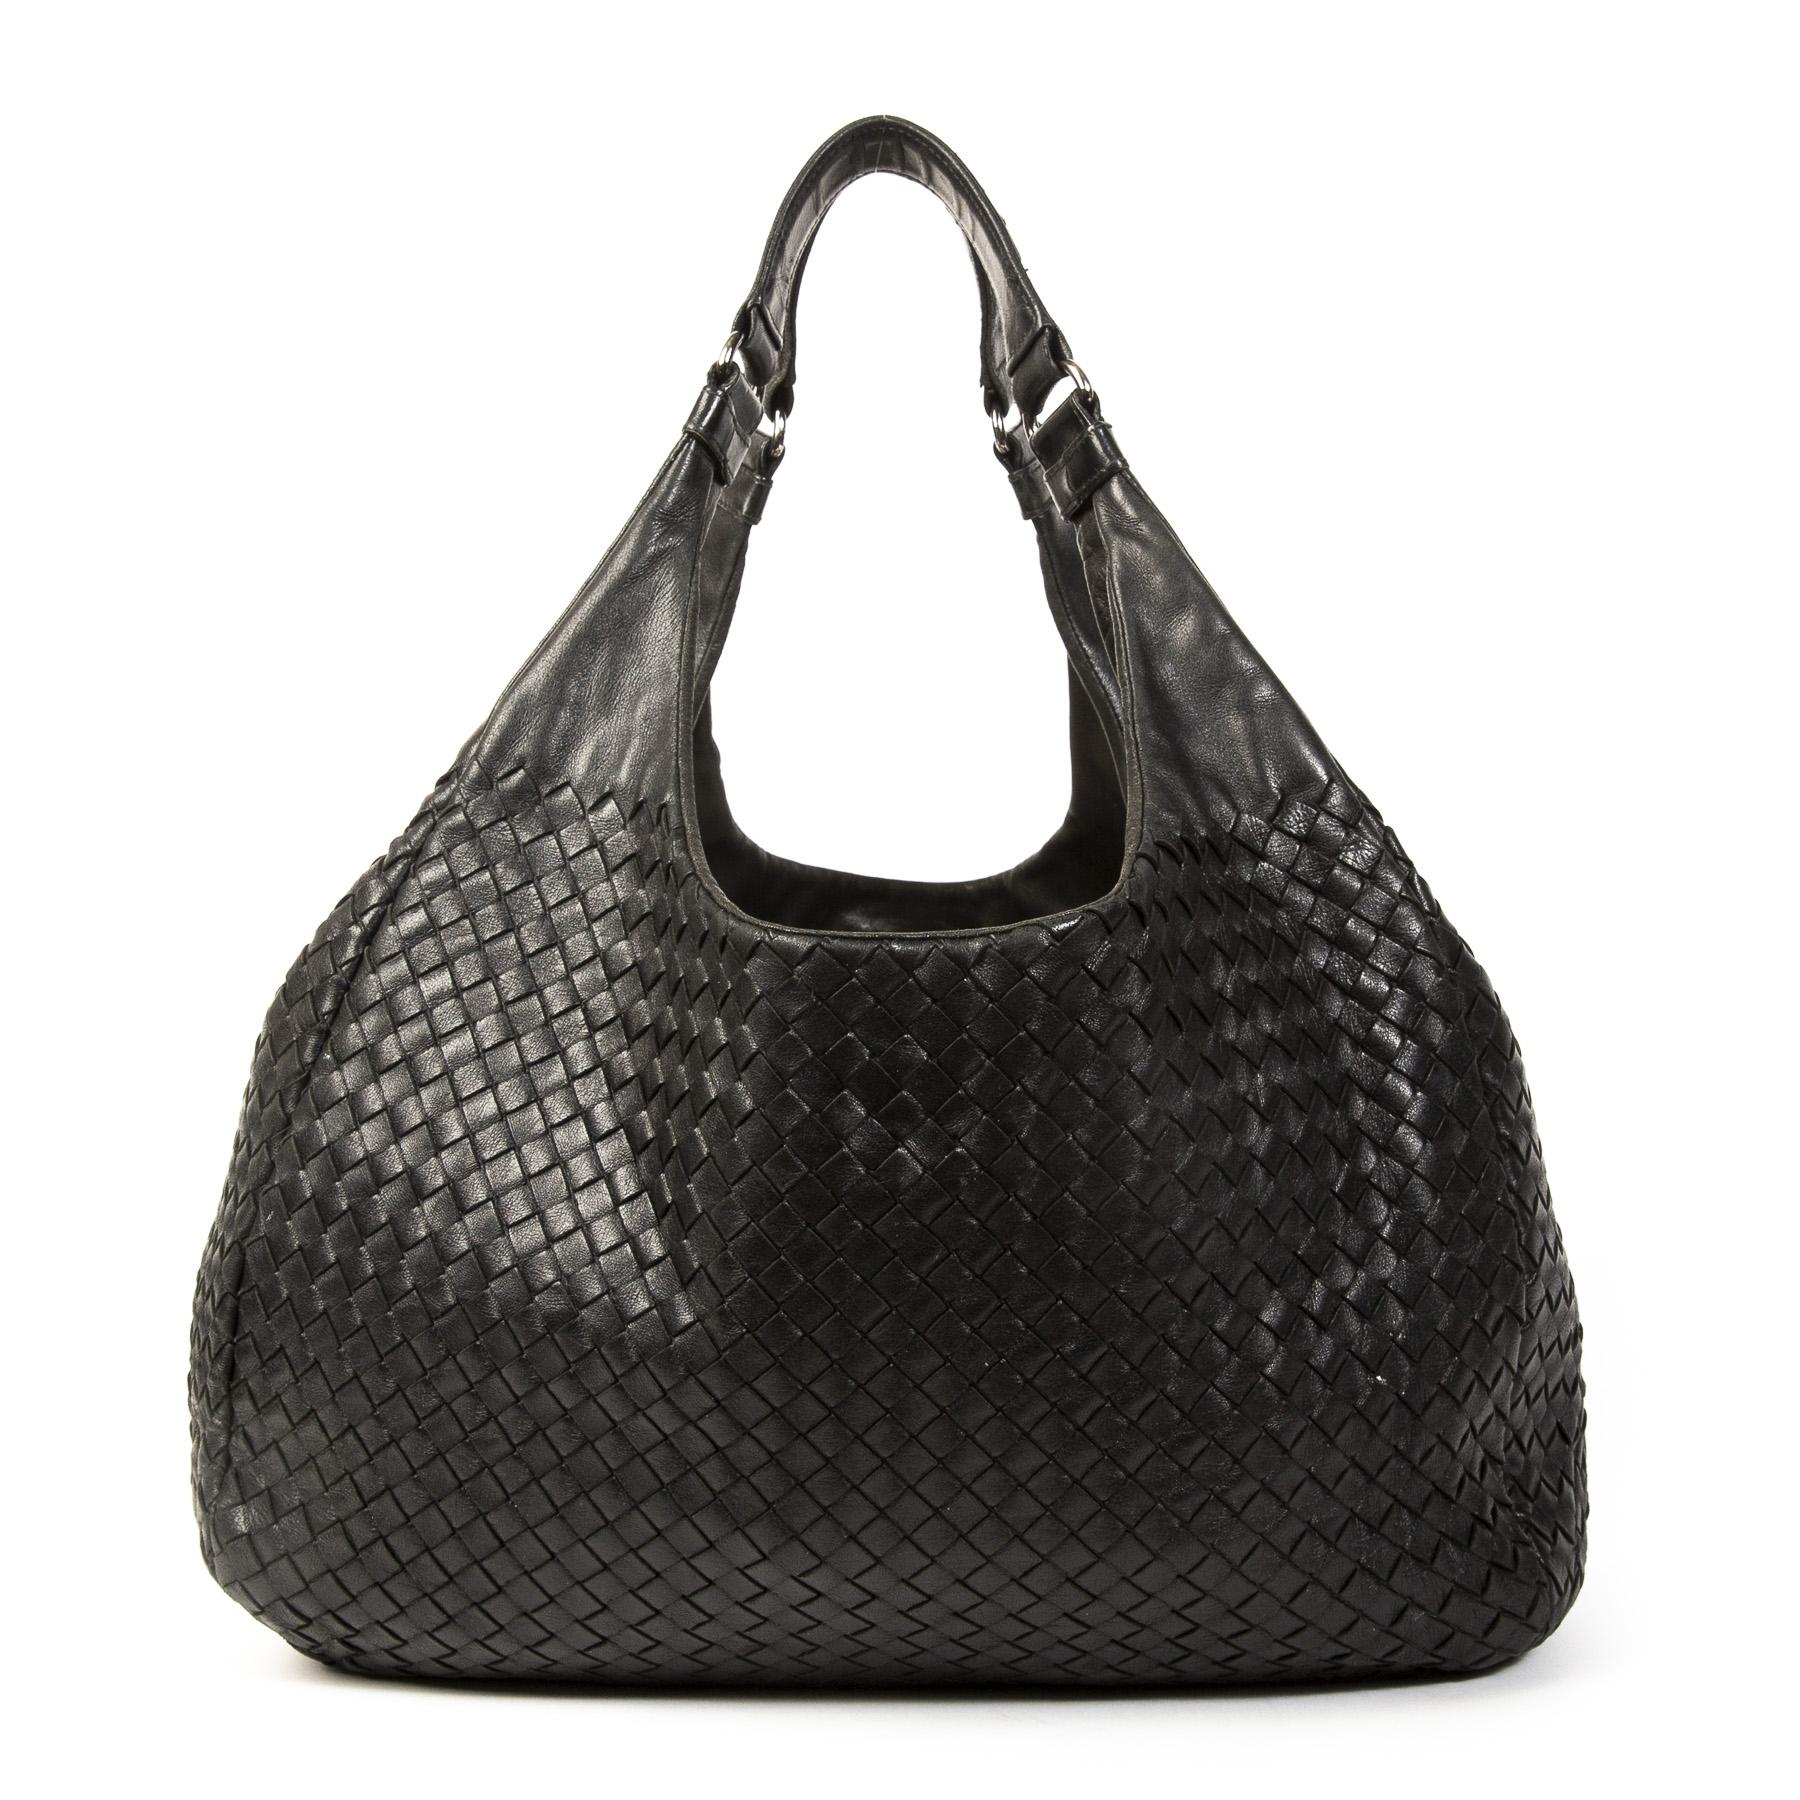 Authentieke Tweedehands Bottega Veneta Campana Shoulder Bag juiste prijs veilig online shoppen luxe merken webshop mode fashion winkelen Antwerpen België